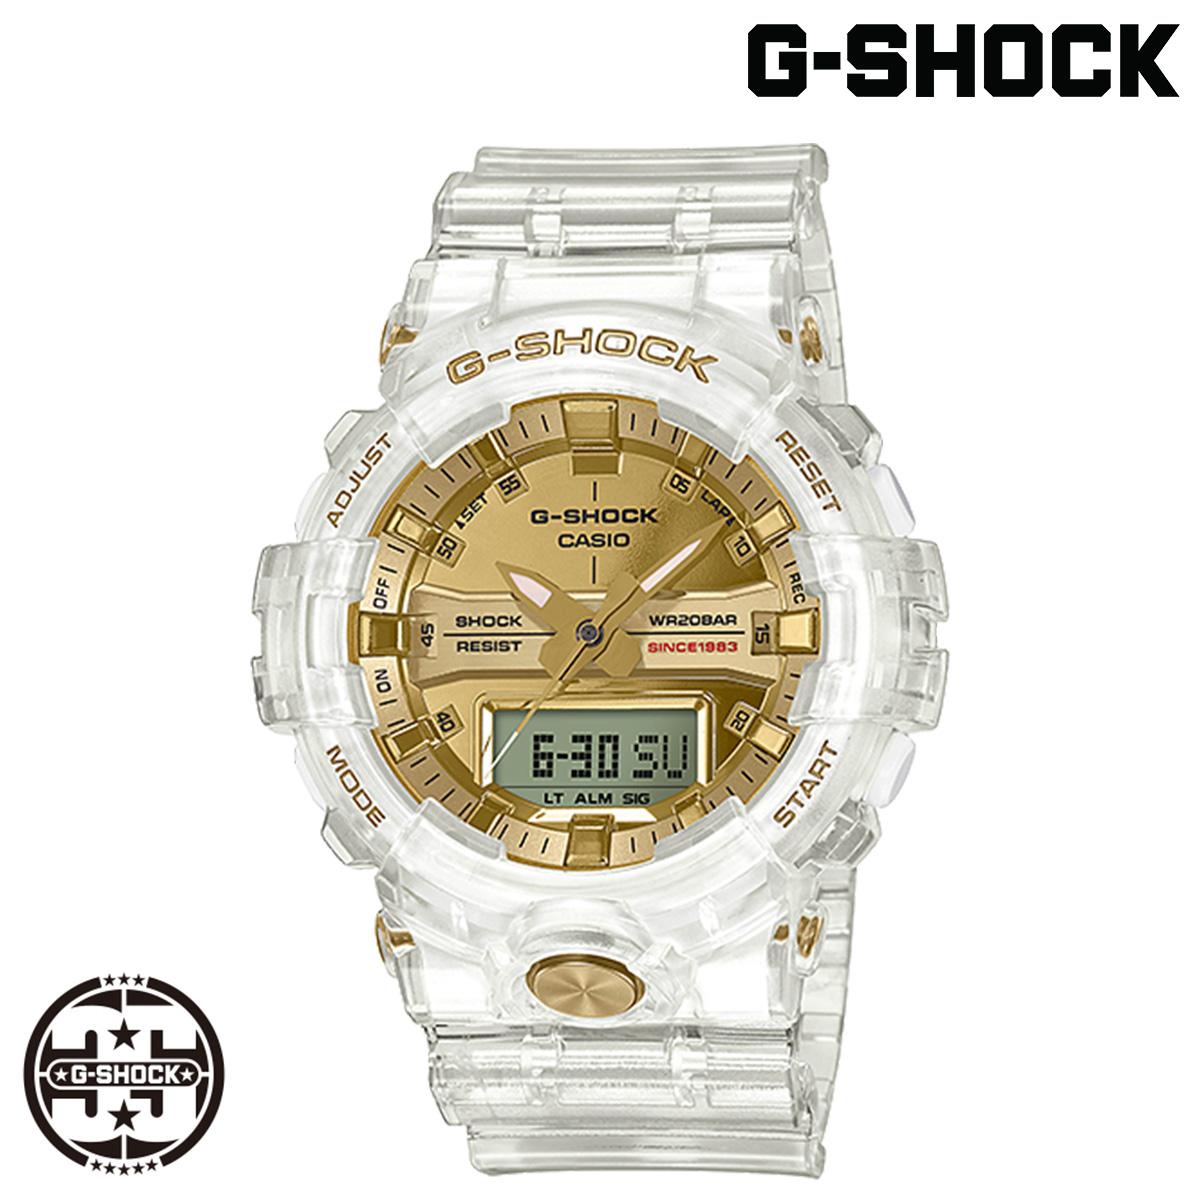 カシオ CASIO G-SHOCK 腕時計 GA-835E-7AJR 35周年記念モデル GLACIER GOLD クリア メンズ レディース